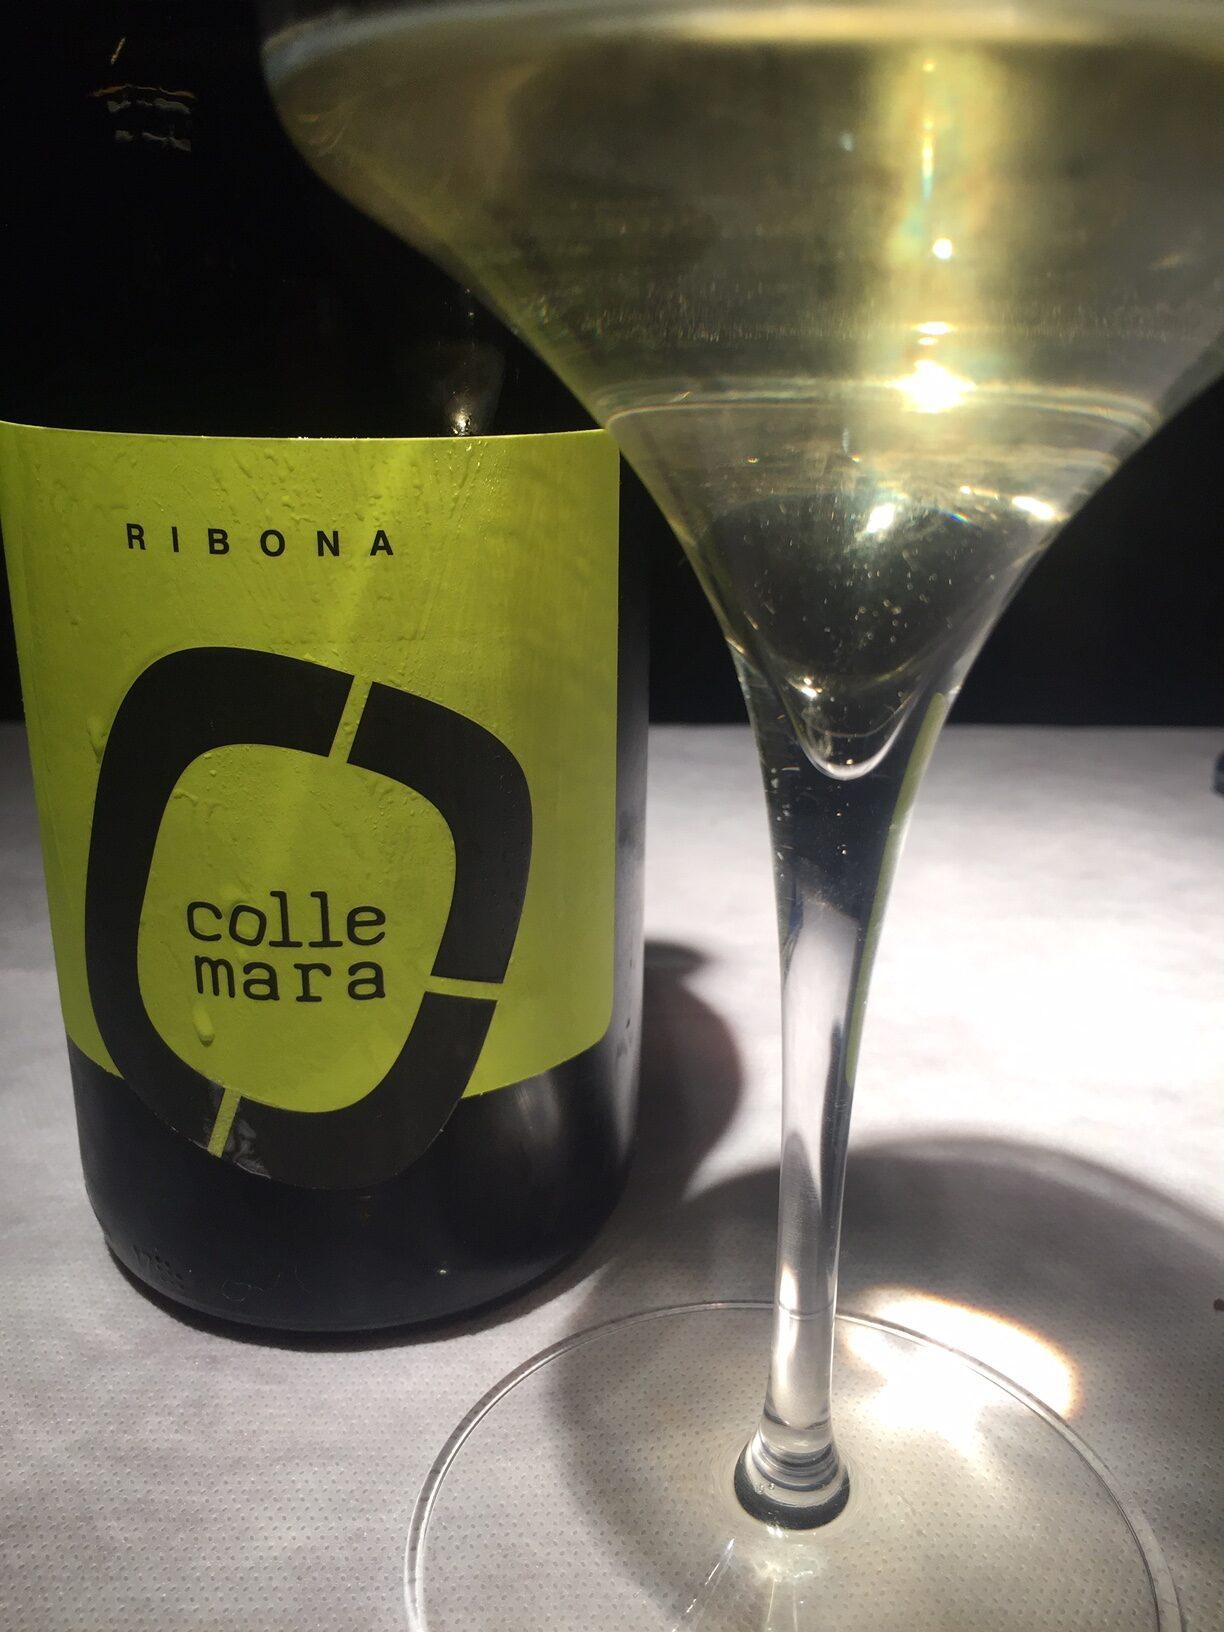 Collemara, vino bianco Ribona della marche, etichetta giallo acido. Nel bicchiere un vino dai riflessi verdolini